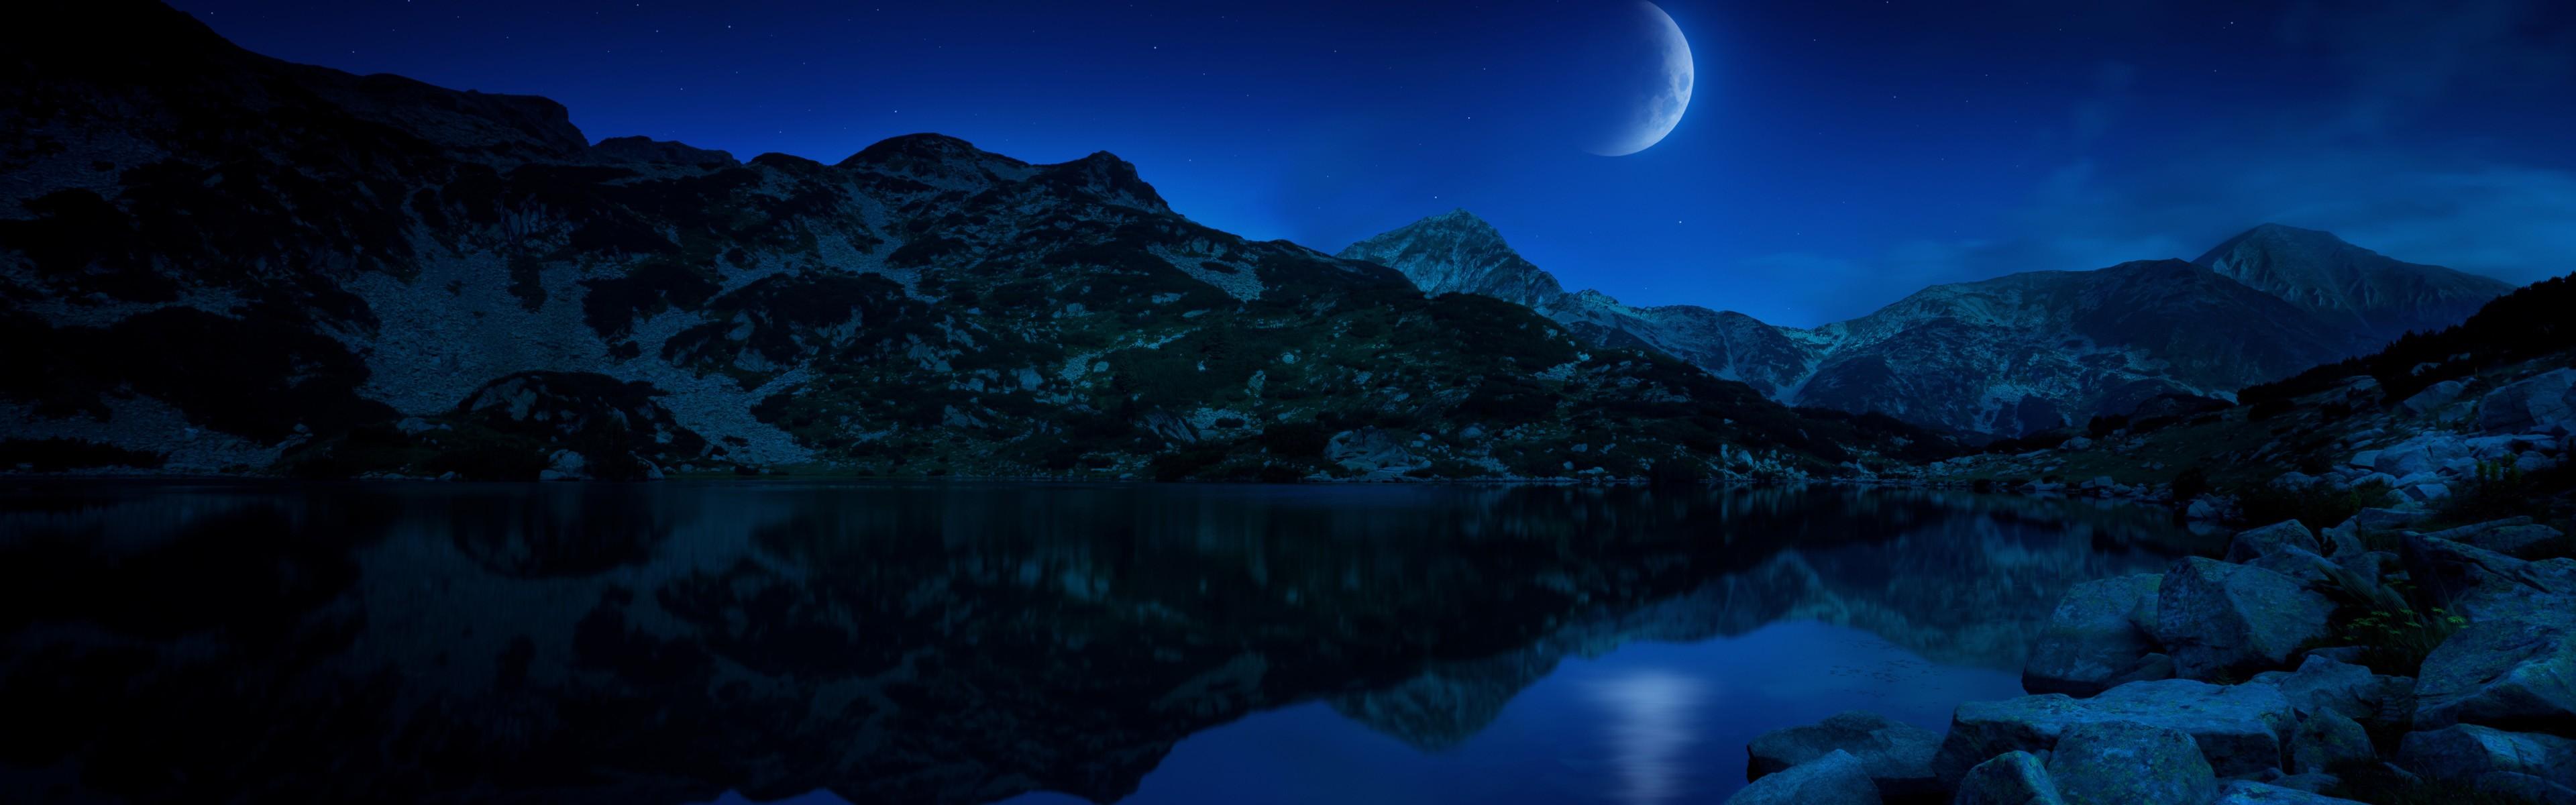 Windows nighttime wallpaper 3840x1200 62917 WallpaperUP 3840x1200